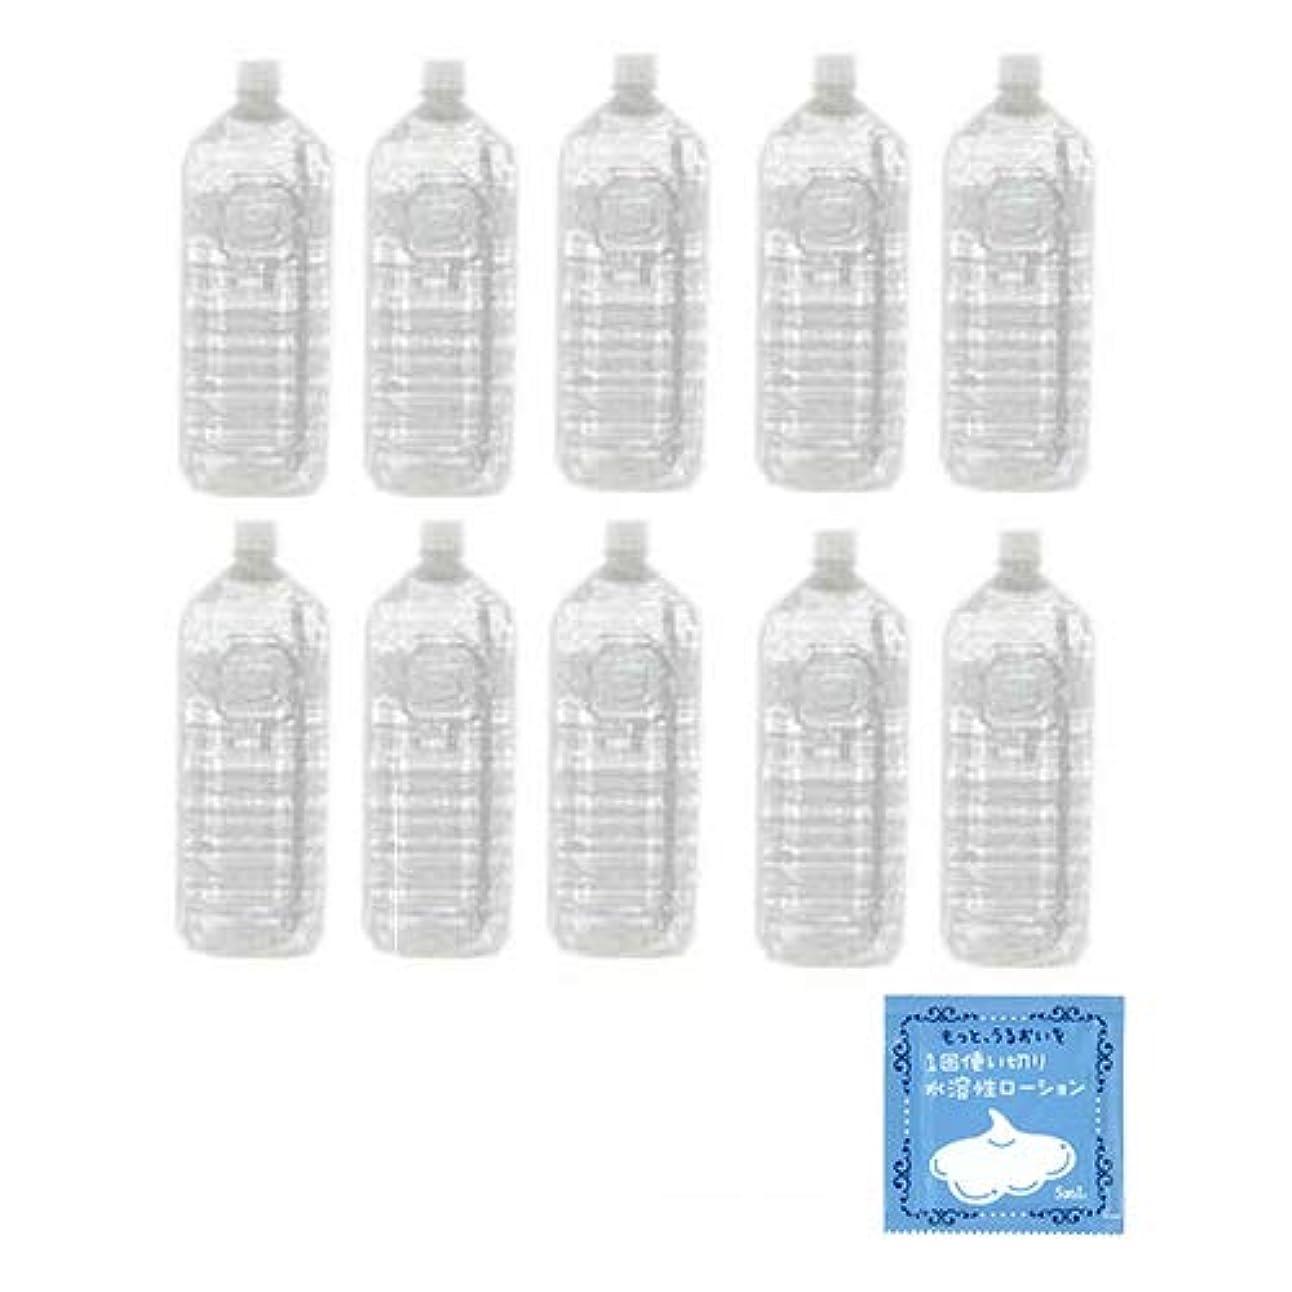 フレッシュ同行二層クリアローション 2Lペットボトル ハードタイプ(5倍濃縮原液) × 10本セット+ 1回使い切り水溶性潤滑ローション